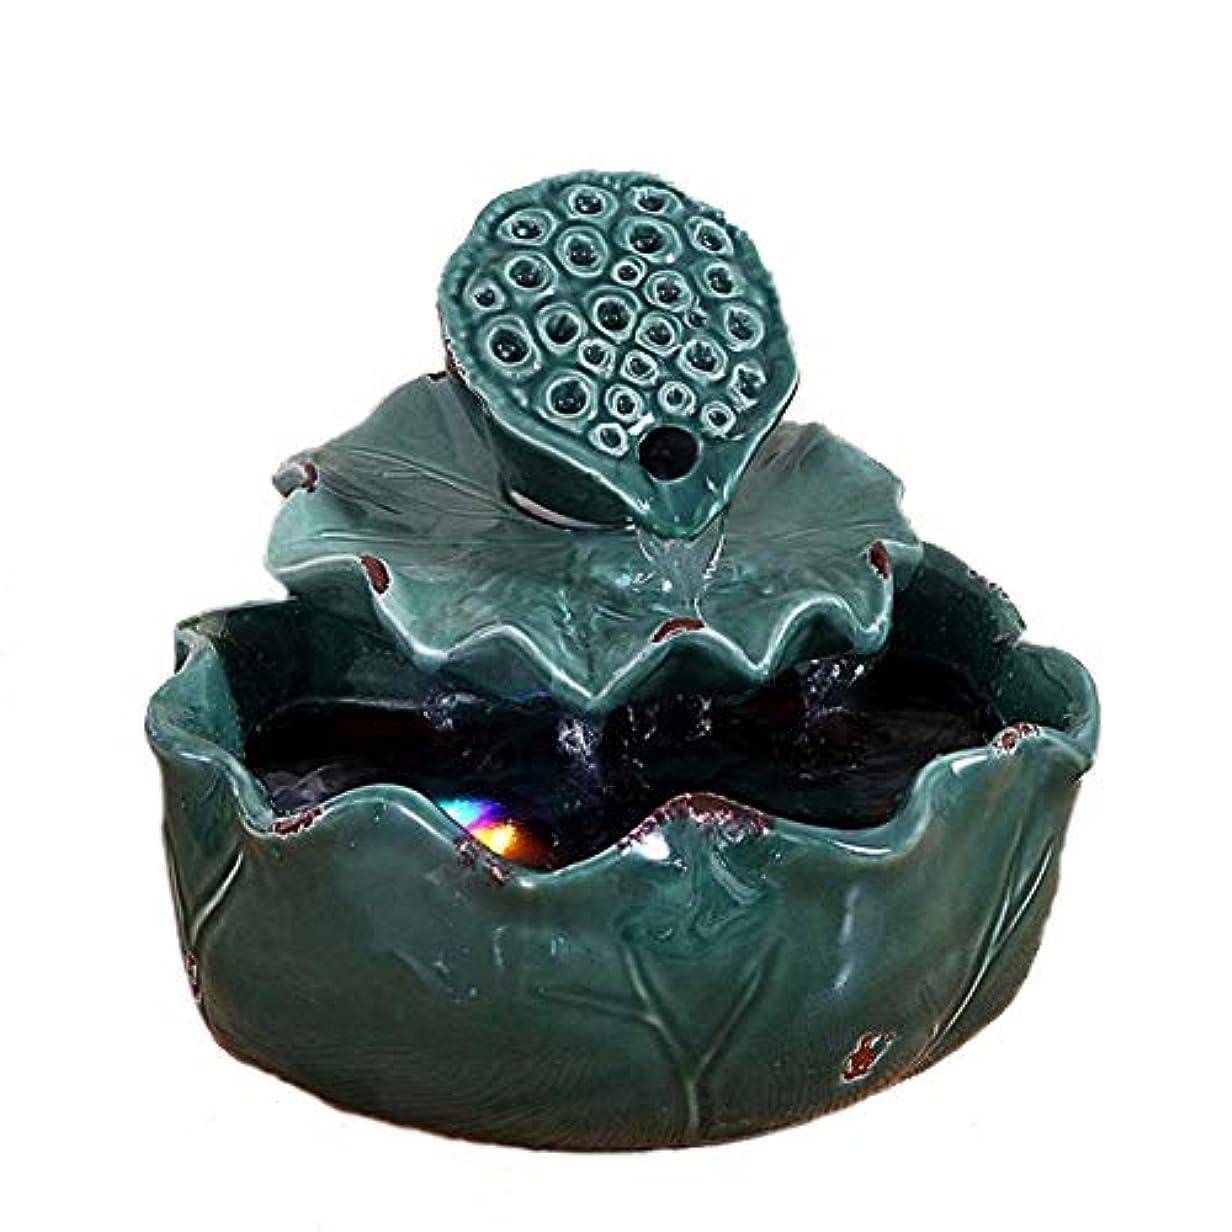 またねマリナー見えない空気加湿器クリエイティブロータス卓上装飾装飾セラミック工芸絶妙なギフト